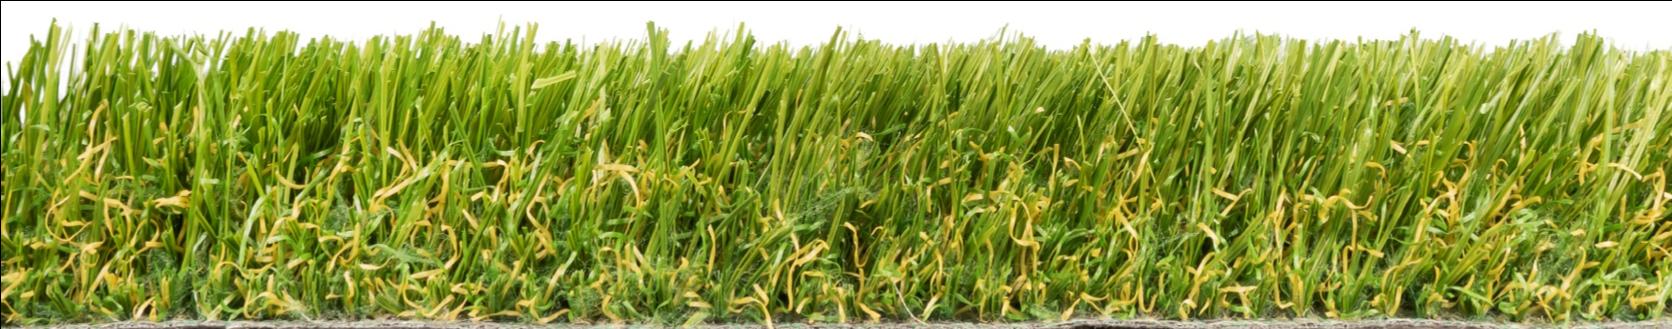 nelson artificial grass the-grassman